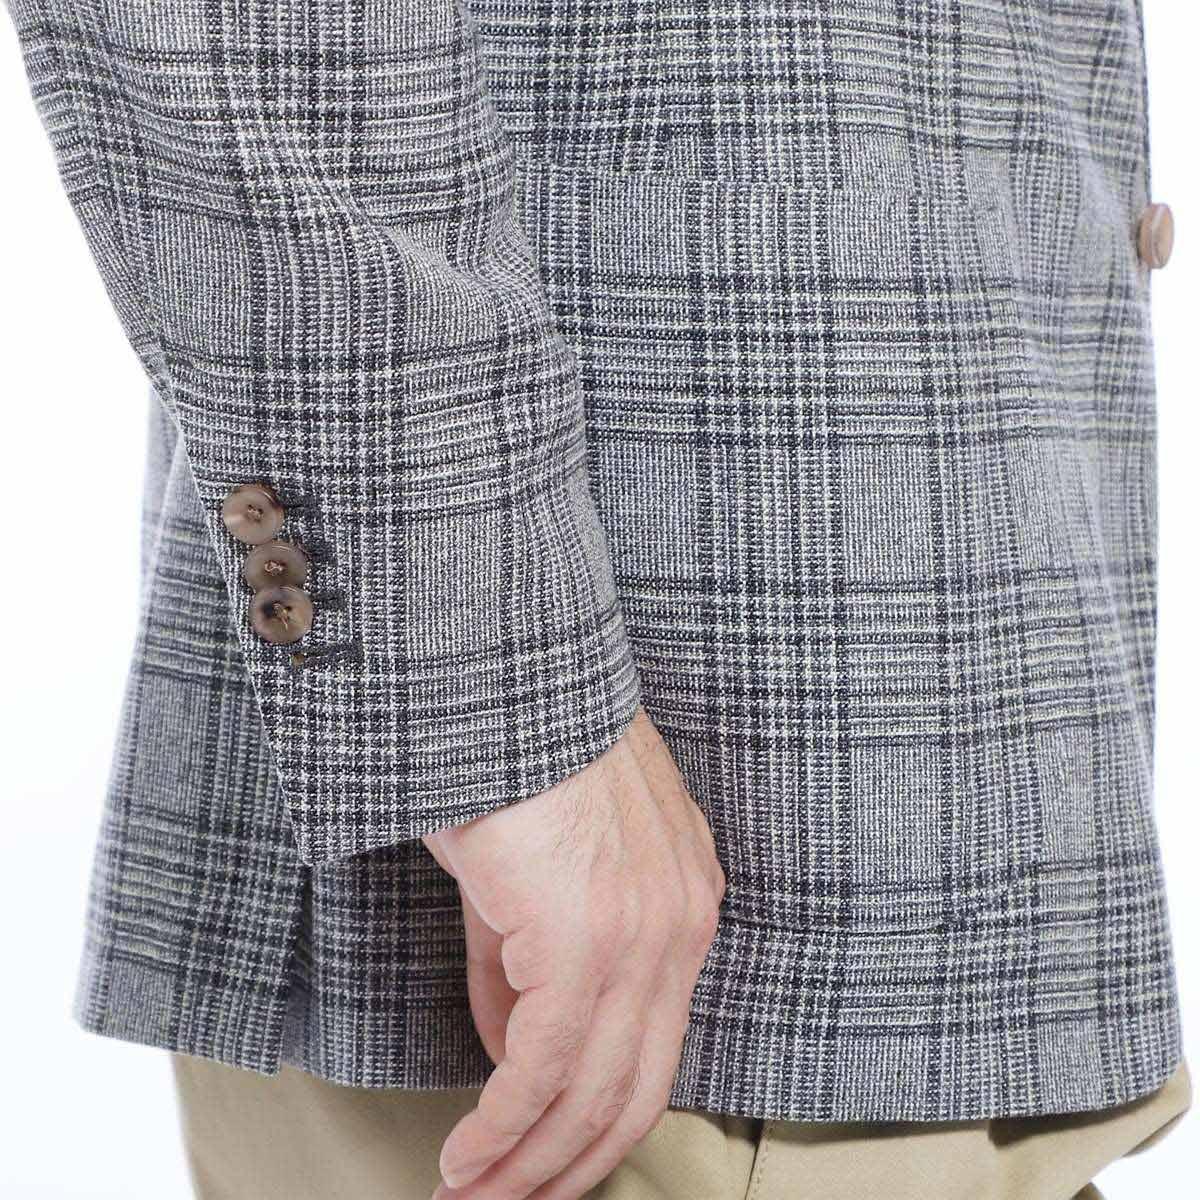 【3万円均一】【アウトレット】【ラスト1点】LARDINI ラルディーニ 3つボタンジャケット/EASY JAPAN FIT メンズ